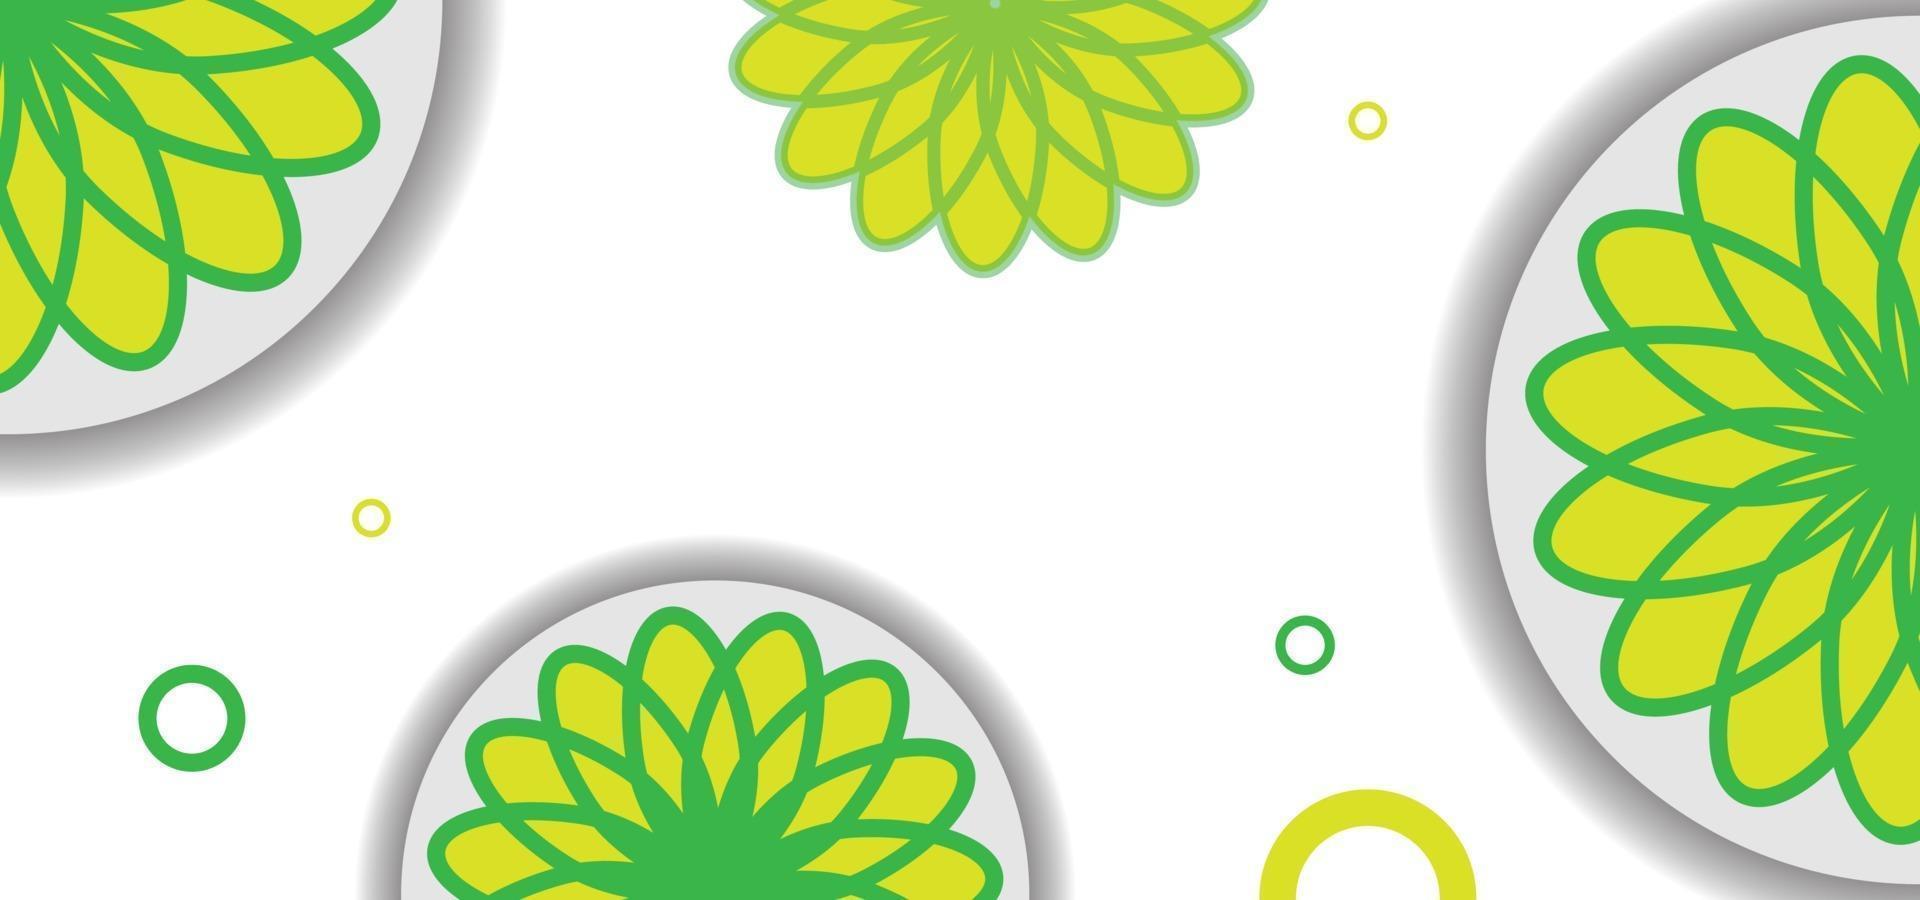 groen en geel bloemen naadloos patroon of achtergrond vector